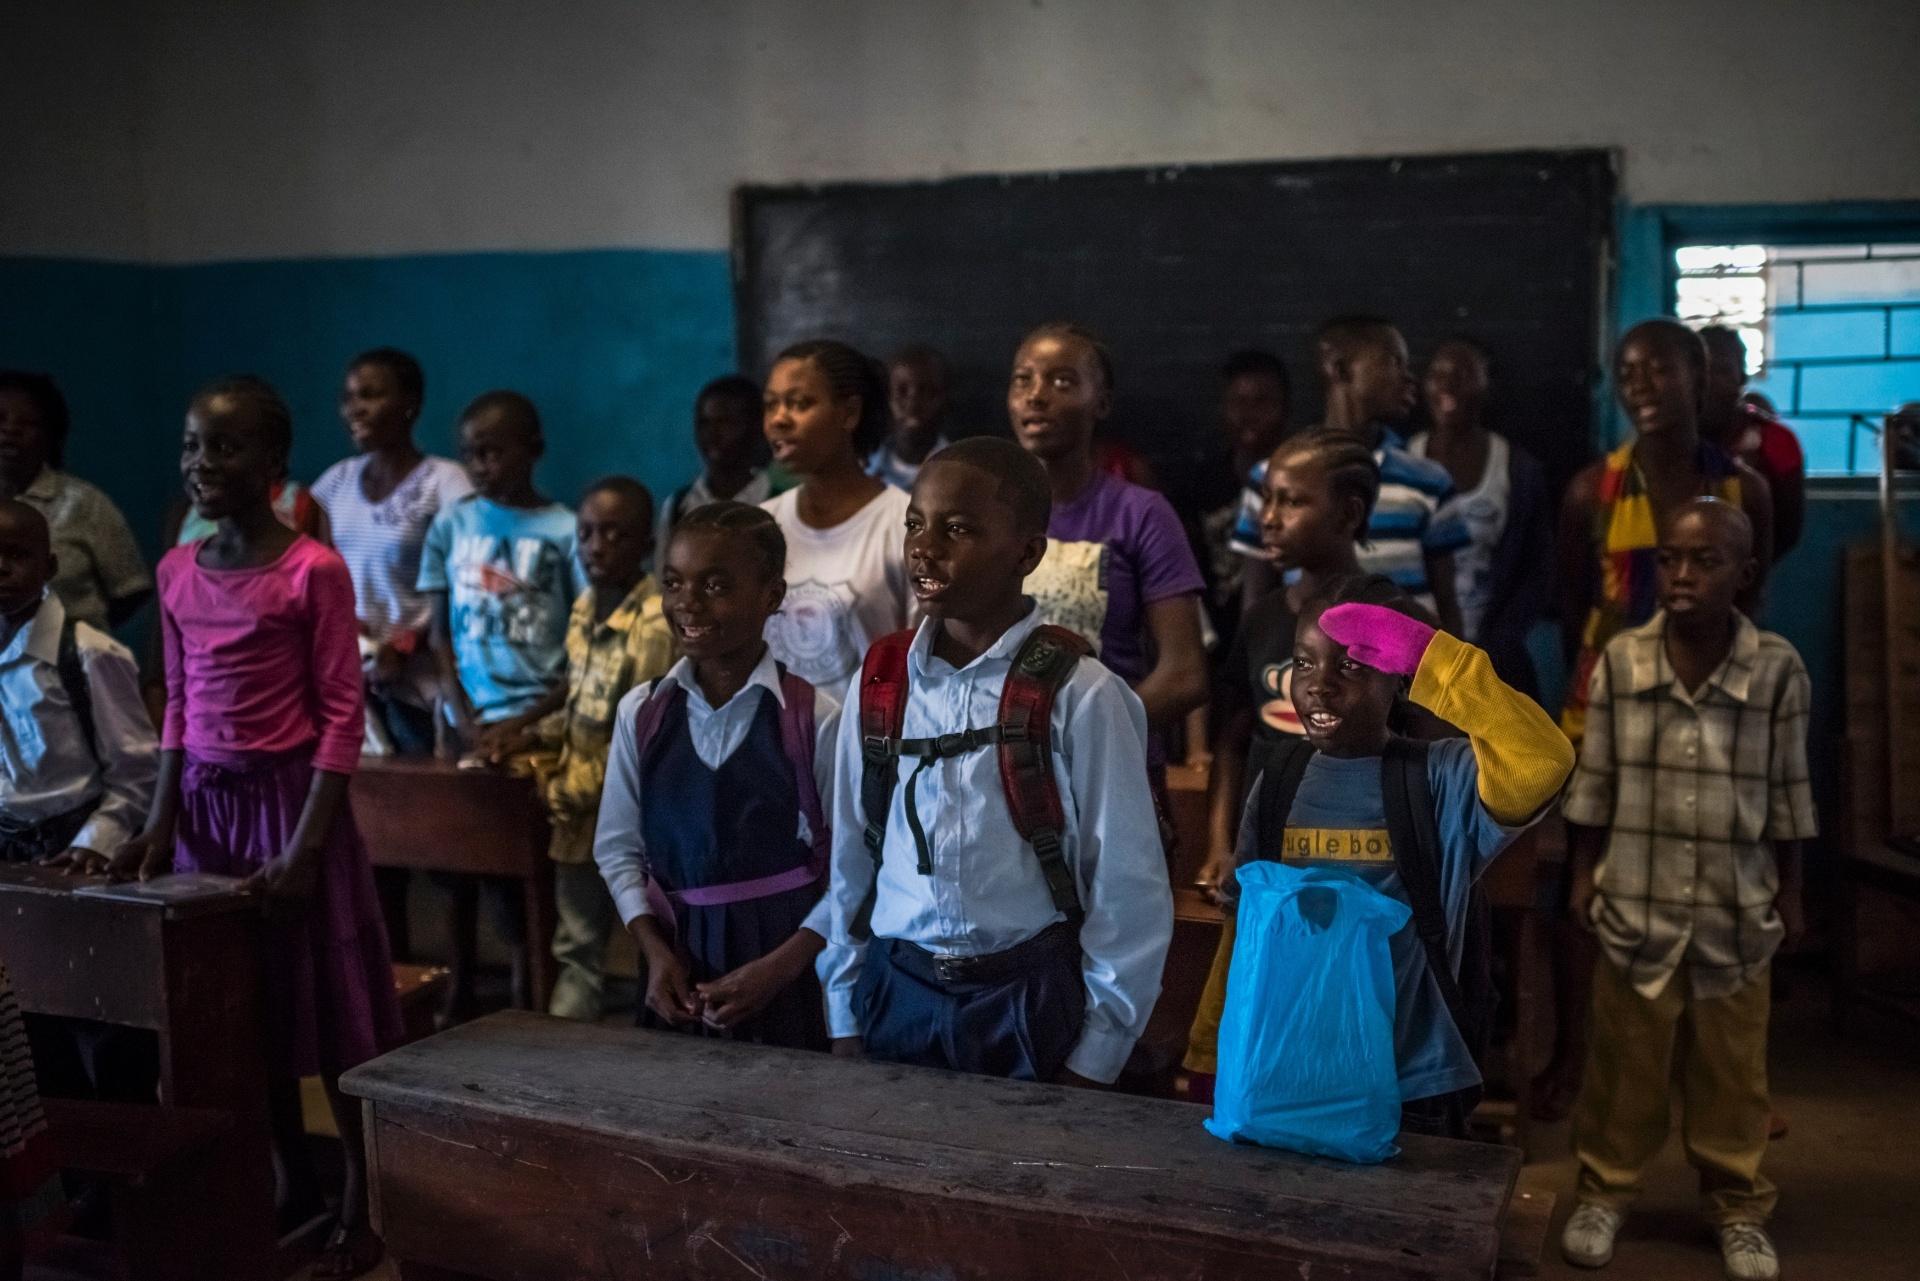 4.mar.2015 -O aluno James Nyema, 9, (de luvas rosas) canta o hino da Libéria na escola de ensino fundamental C.D.B. King, em Monrovia, na Libéria. As fotos foram tiradas em 16 de fevereiro de 2015. Apesar da epidemia de ebola ter recuado no país, diversas escolas ainda não reabriram